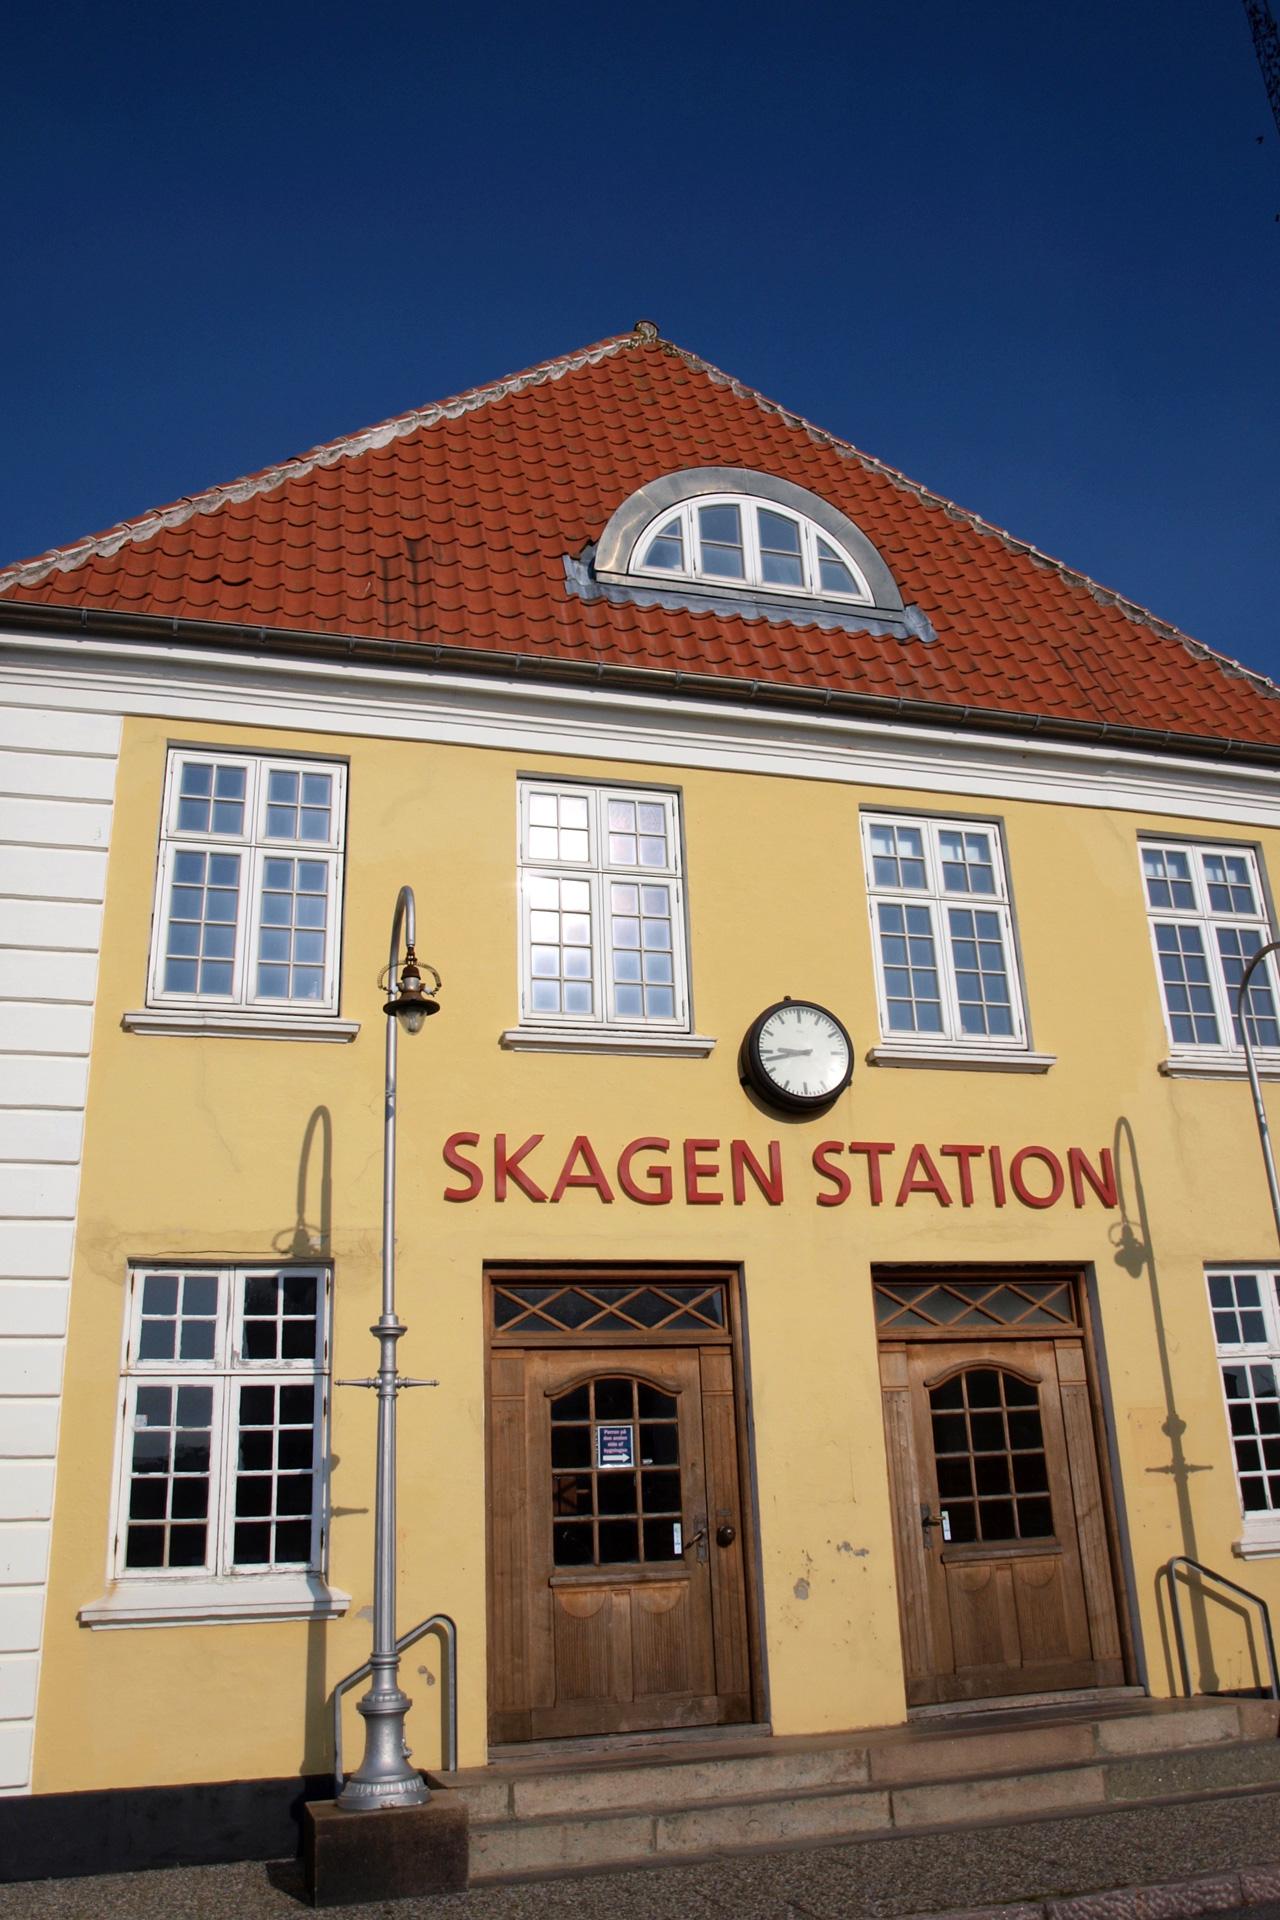 buchstabenplus in Skagen: Bahnhof